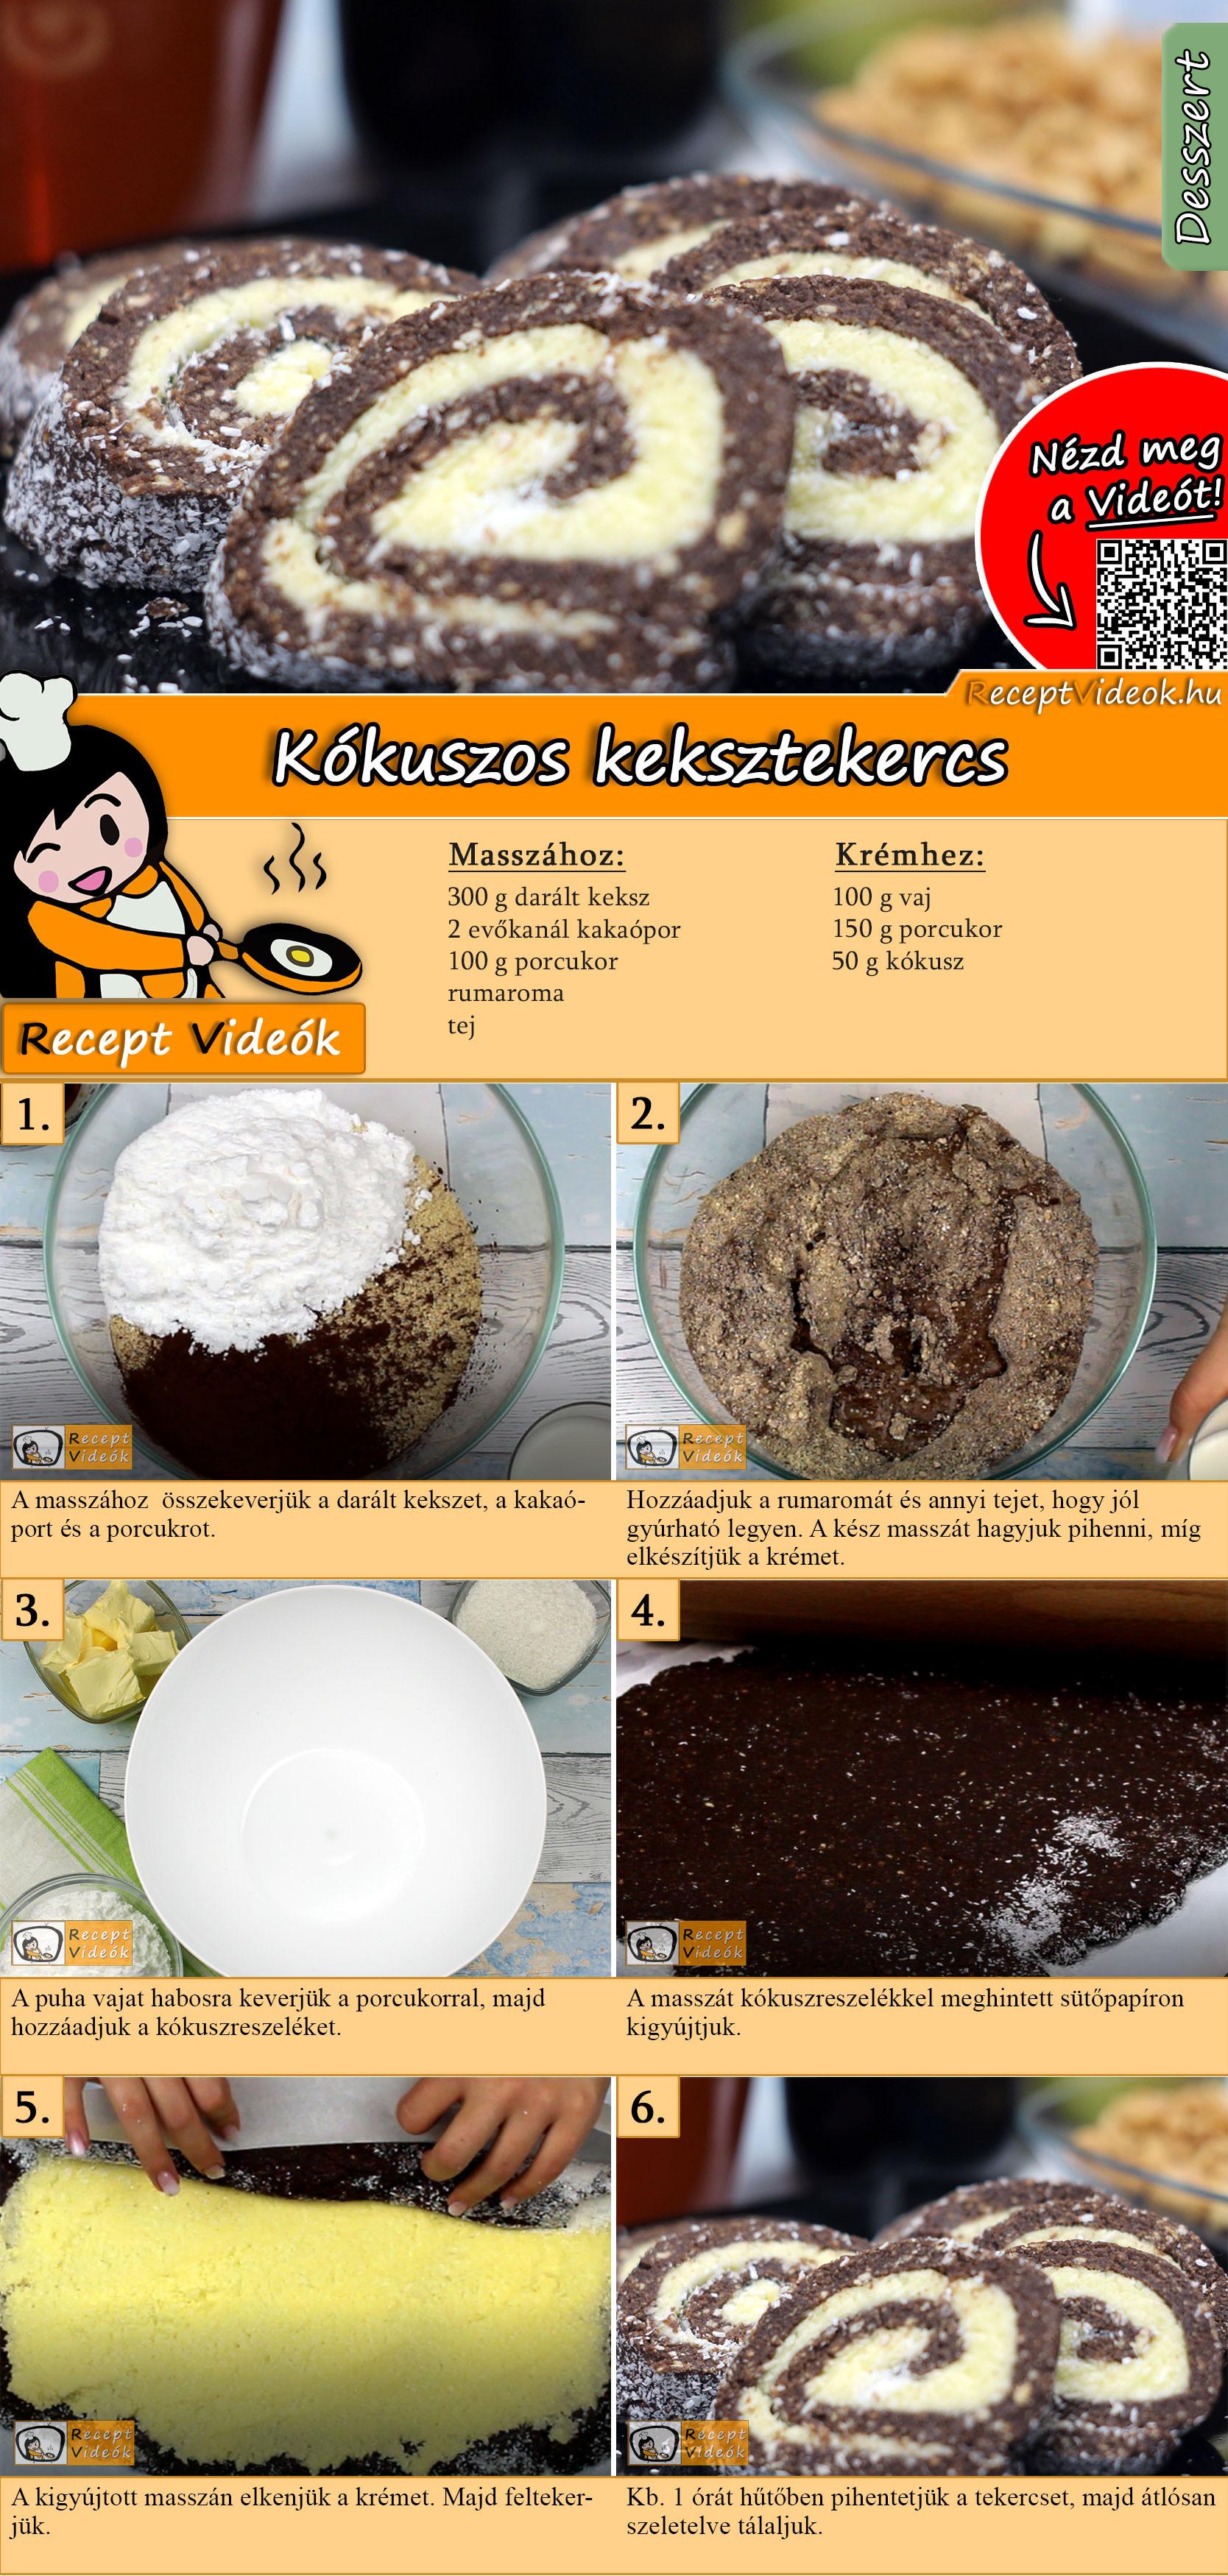 Kókuszos keksztekercs recept elkészítése videóval